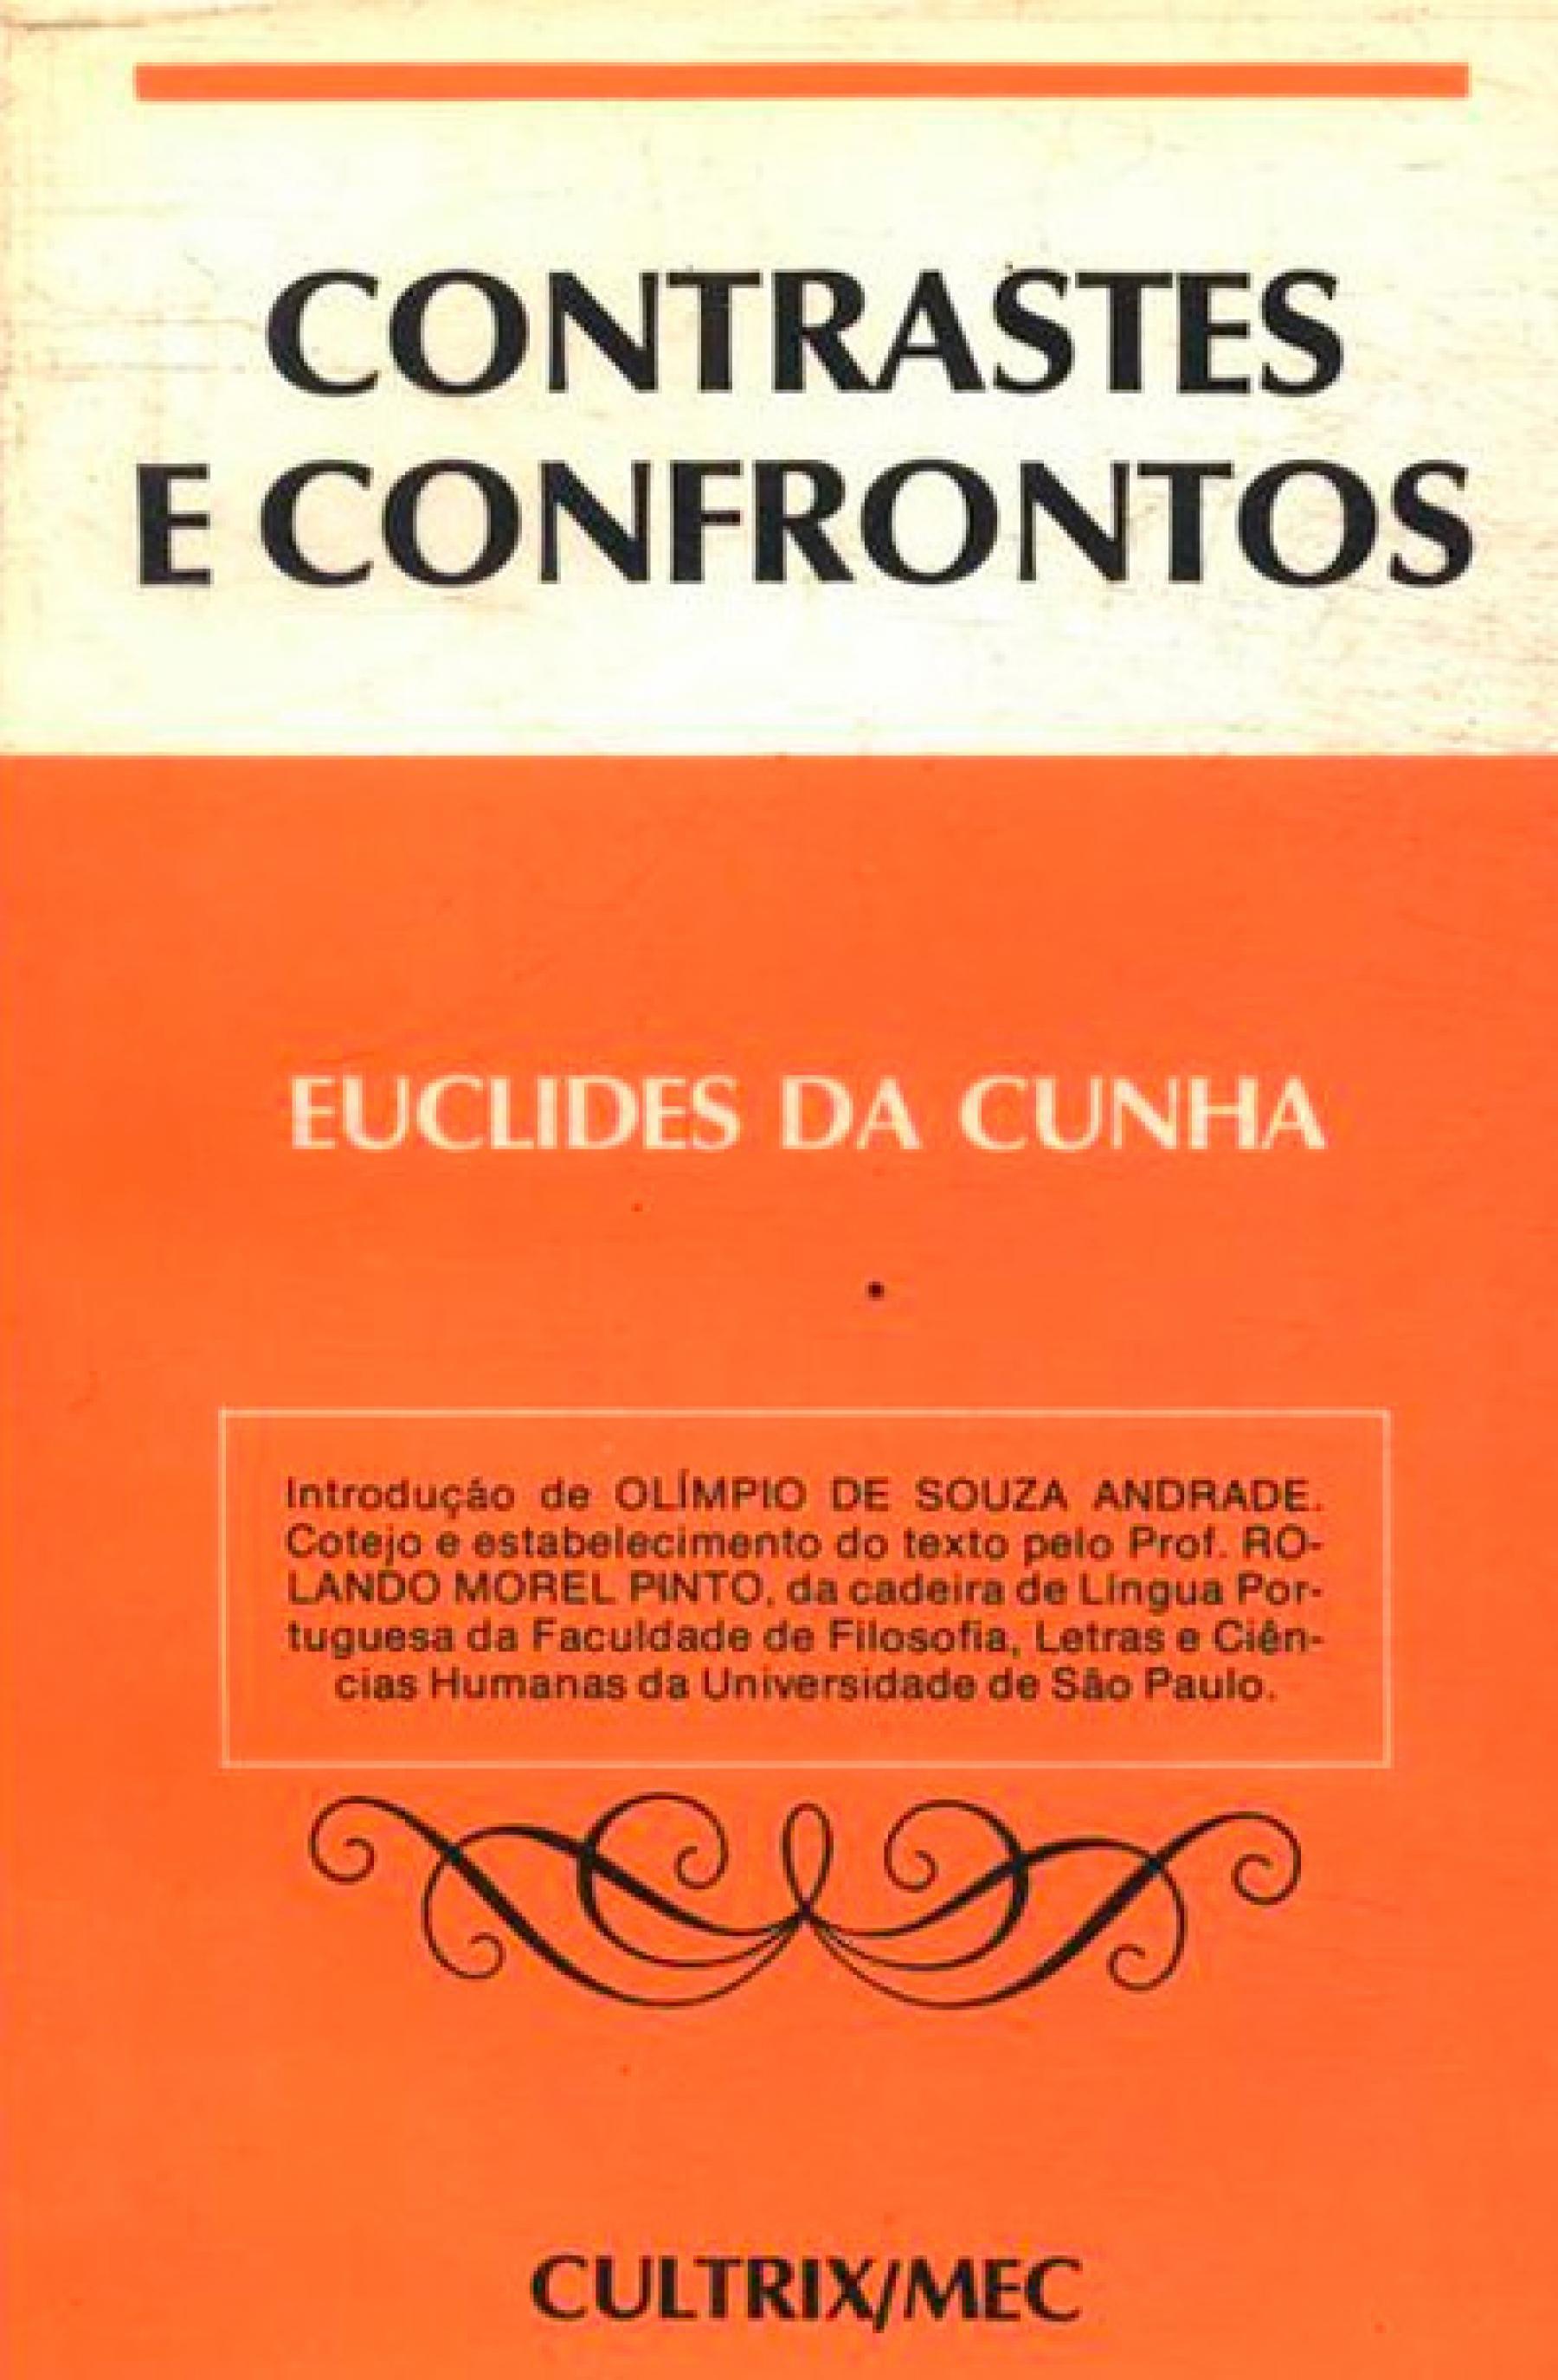 Euclides da Cunha